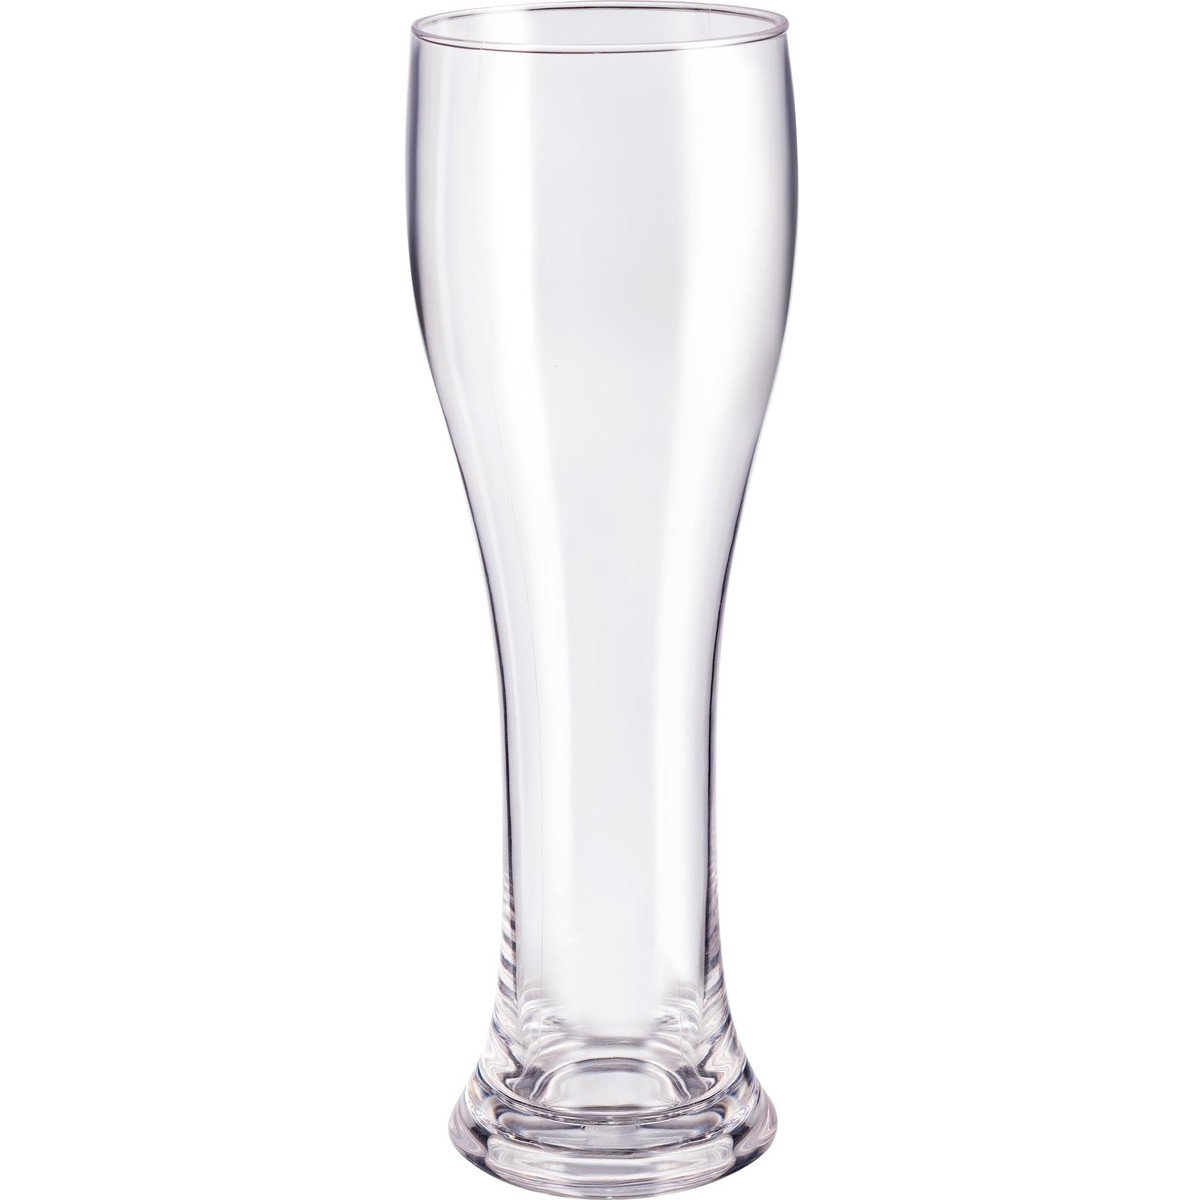 Glasserie Polycarbonat Weizenbierglas, 700 ml